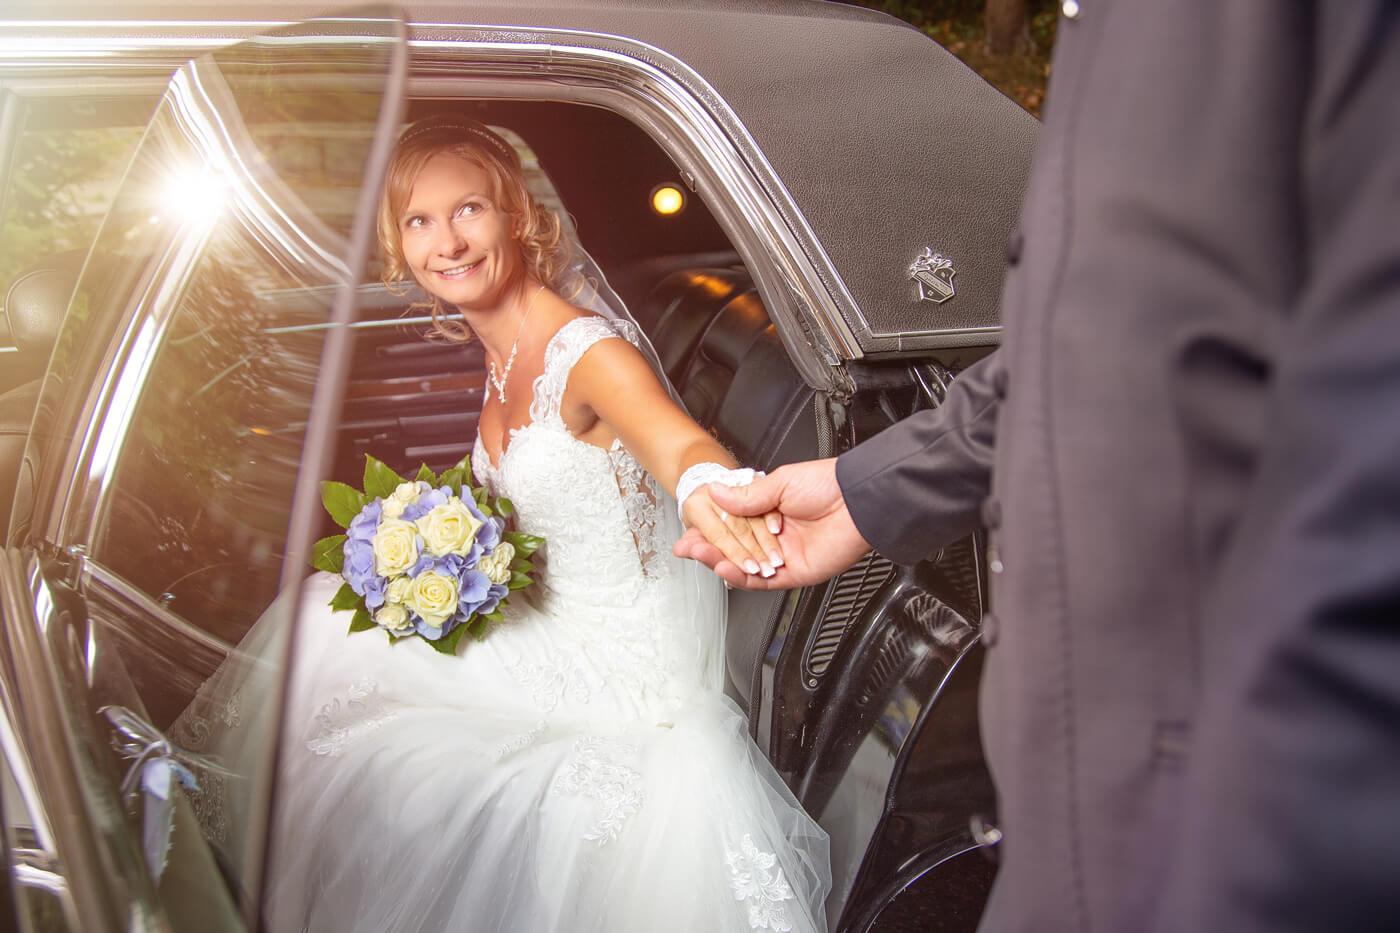 Hochzeit-fotograf-photoron.jpg